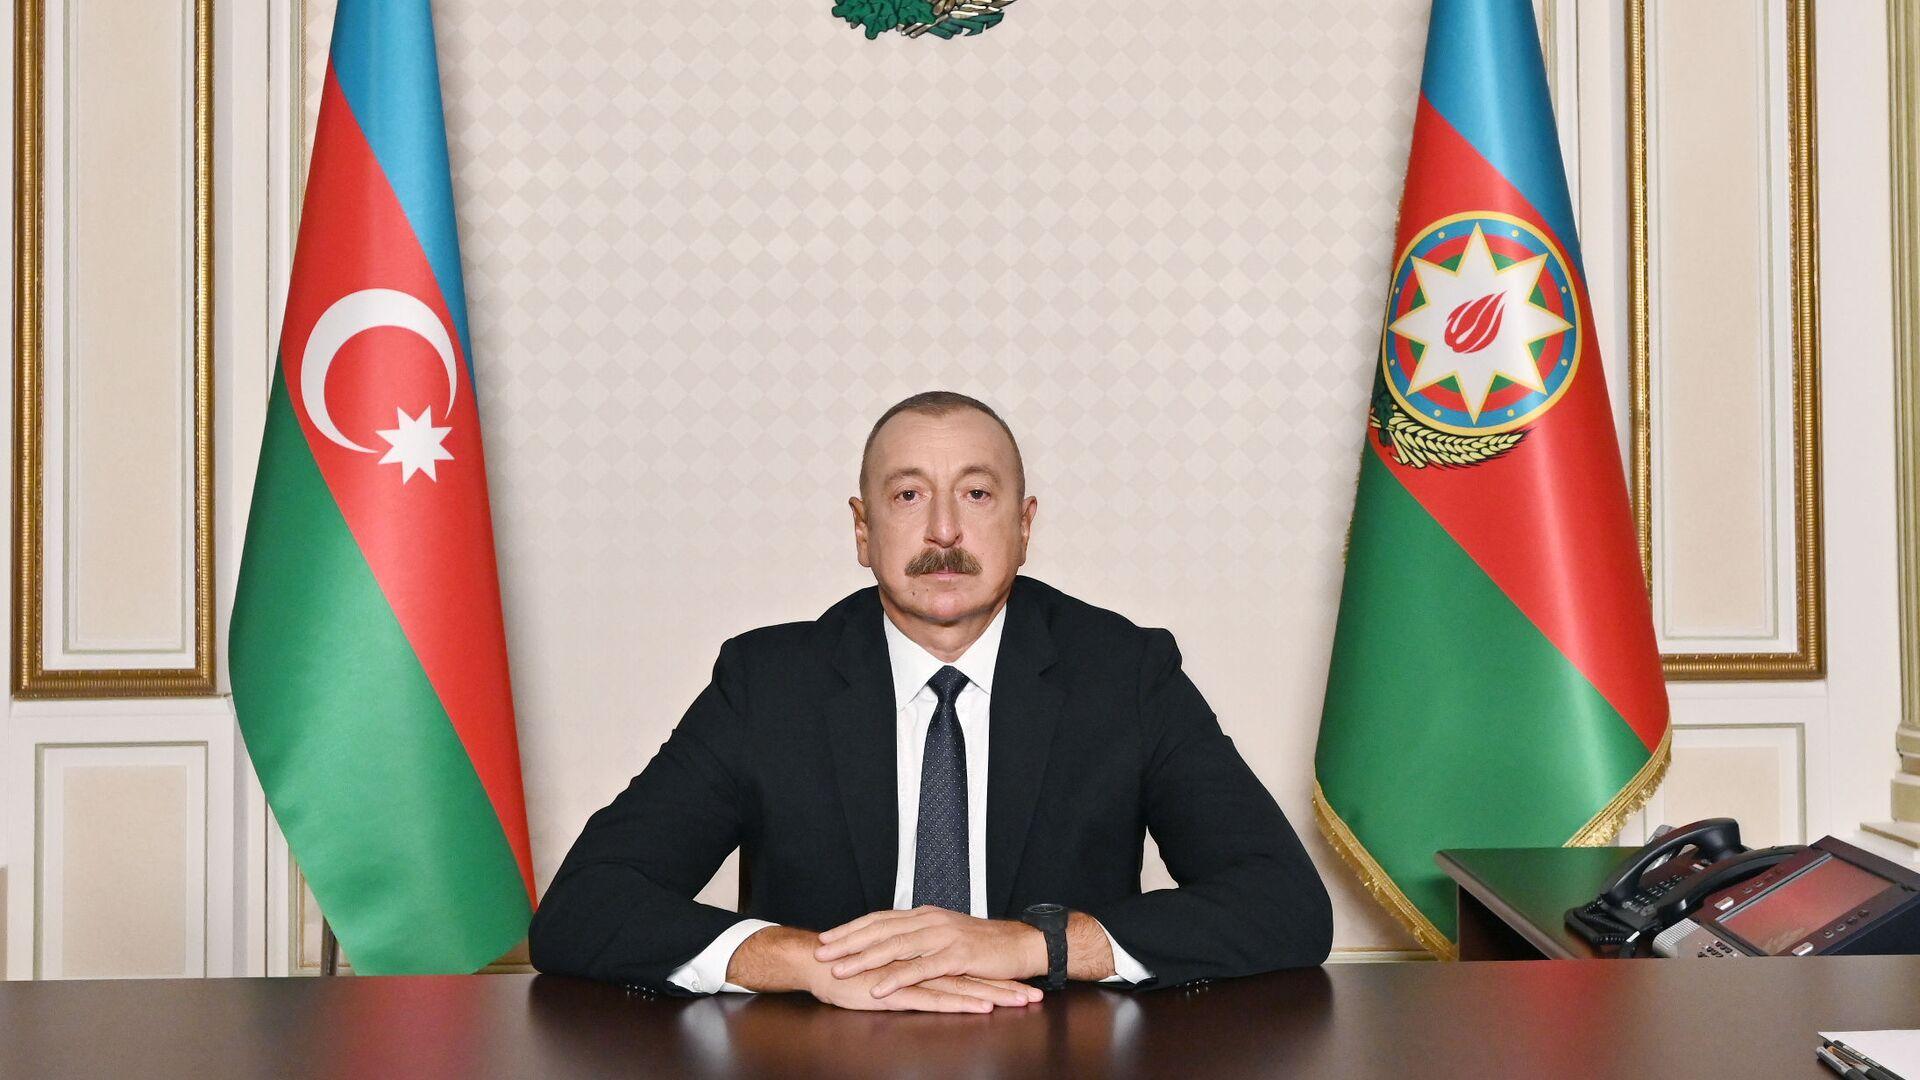 Президент Азербайджана Ильхам Алиев во время обращении к азербайджанскому народу в связи с Днем памяти - Sputnik Азербайджан, 1920, 27.09.2021